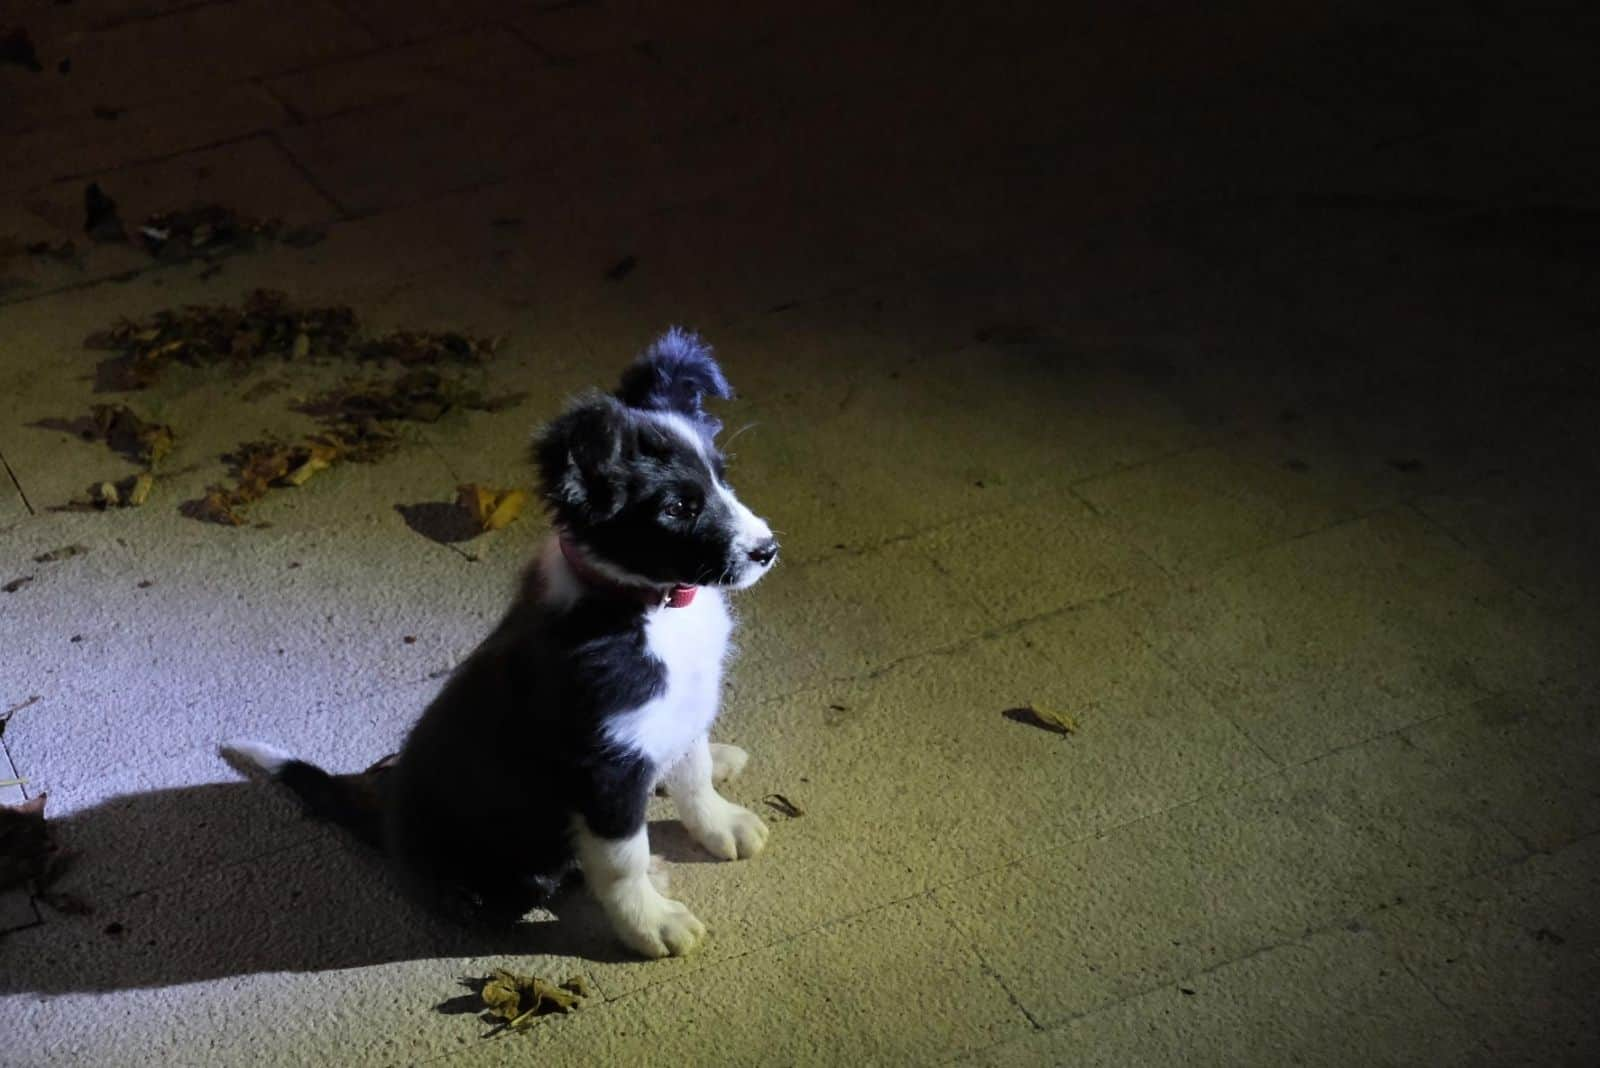 Abends sitzt ein schwarzer Welpe auf dem Beton